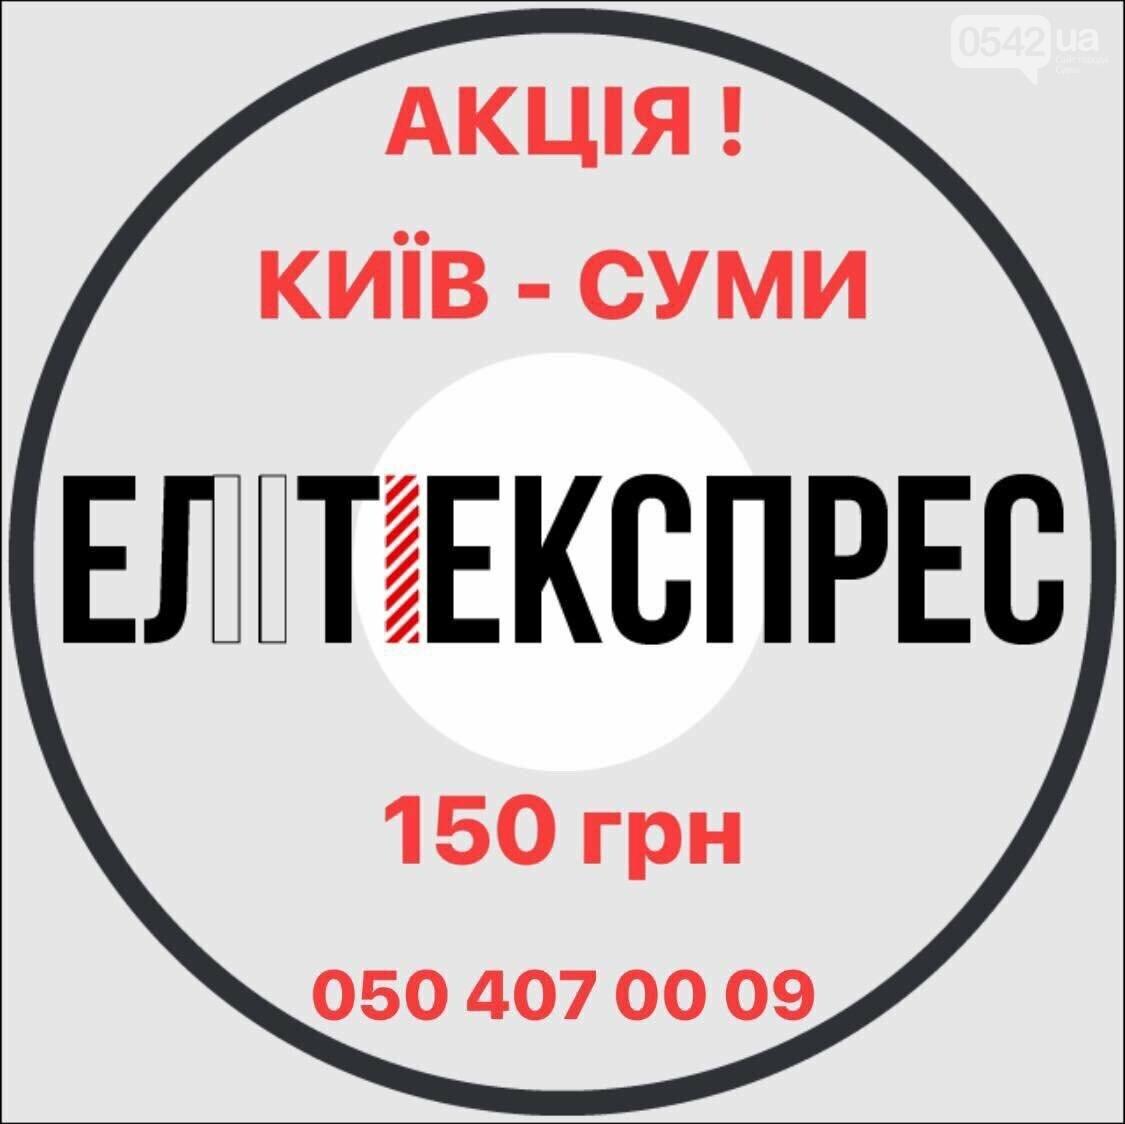 Акція від «ЕЛІТ-ЕКСПРЕС»: КИЇВ-СУМИ - 150 ГРН., фото-1